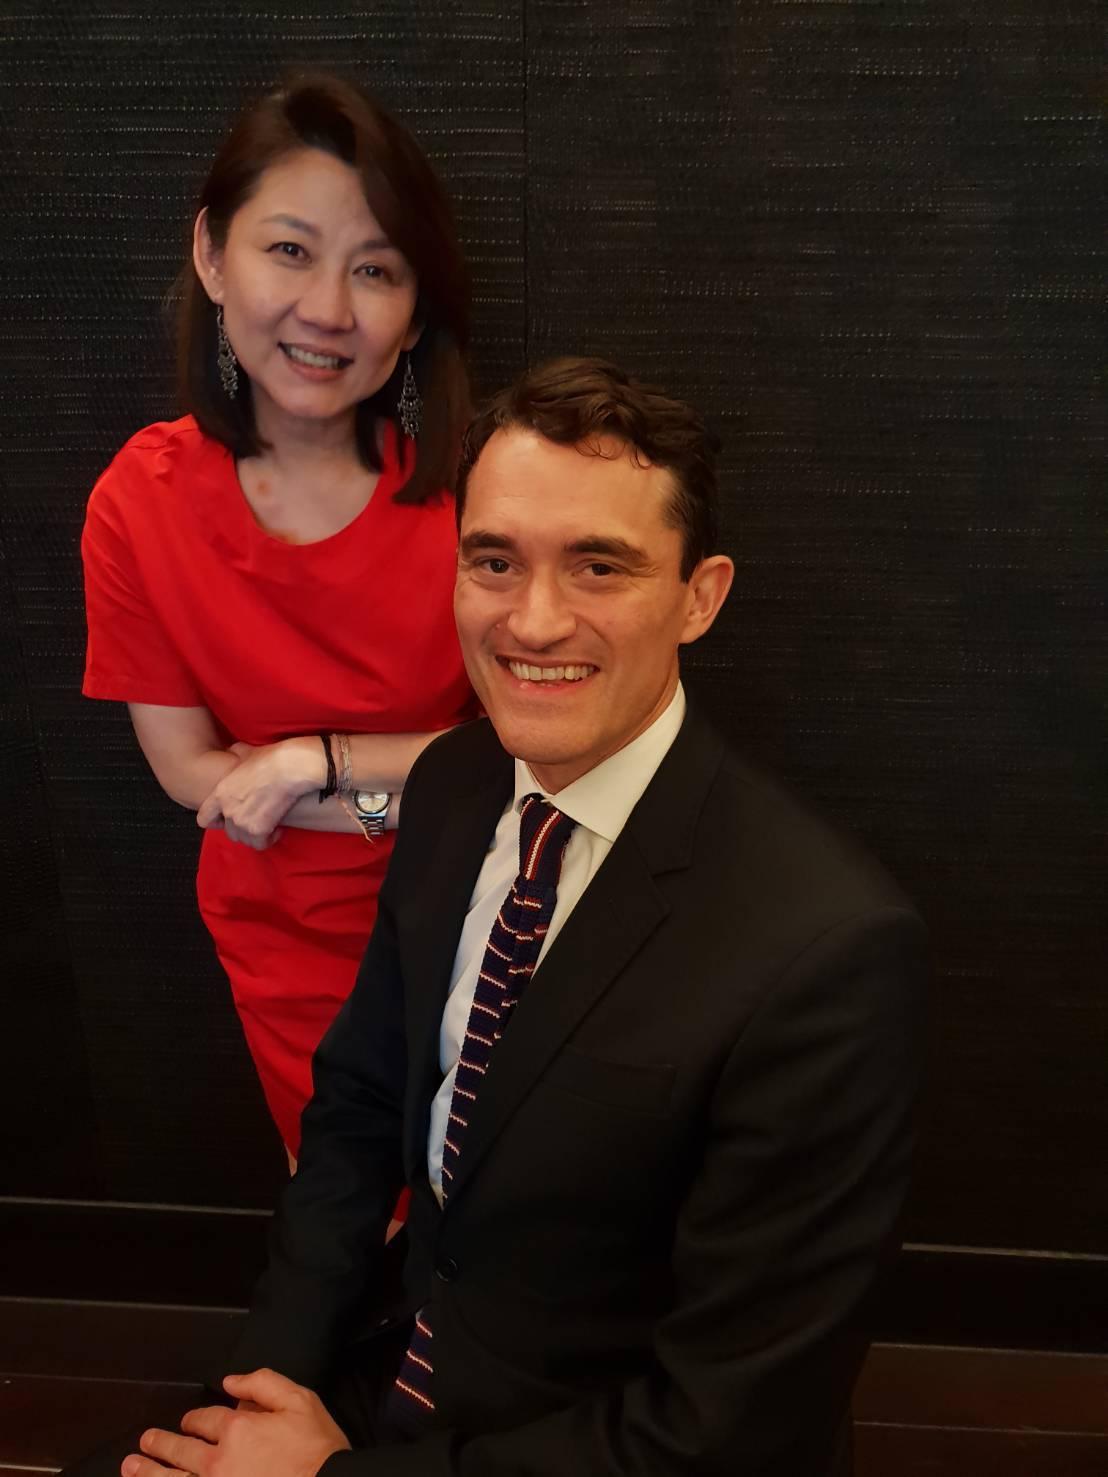 佳士得亞太區總裁龐智鋒(右)與佳士得亞太區副主席翁曉惠。記者陳宛茜/攝影